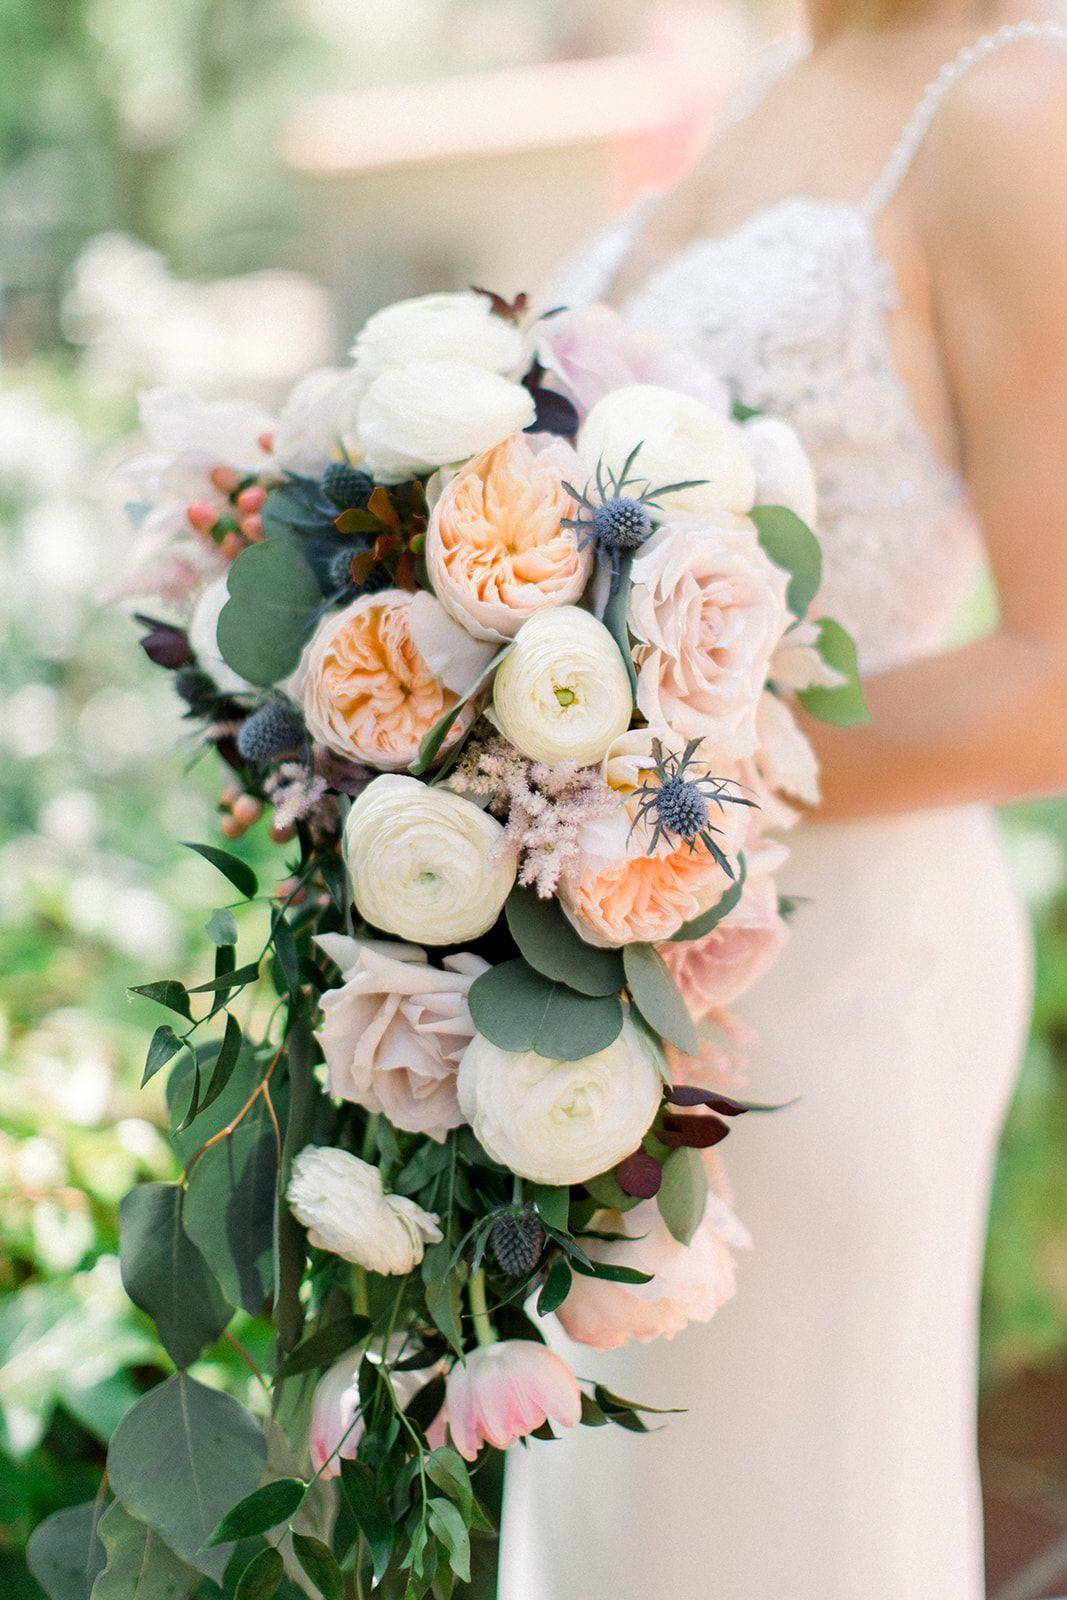 Bouquet Rancho Bernardo Inn San Diego Ca Www Sweetblossomweddings Com Weddings Bouquet Bridal Boquets Cascading Bridal Bouquets Modern Bouquet